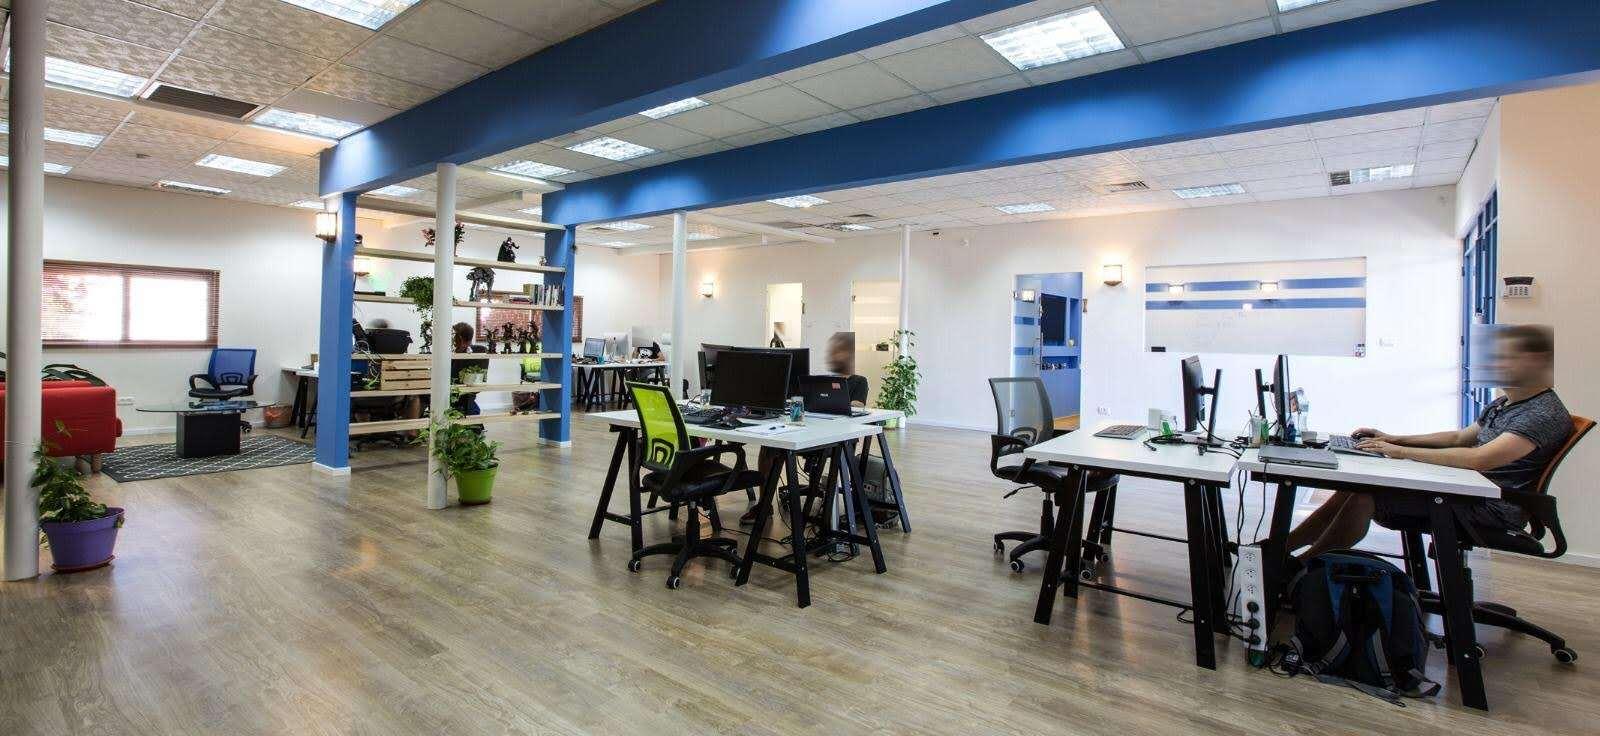 משרדים השכרה בבני ציון משרד משובח כ200 מר